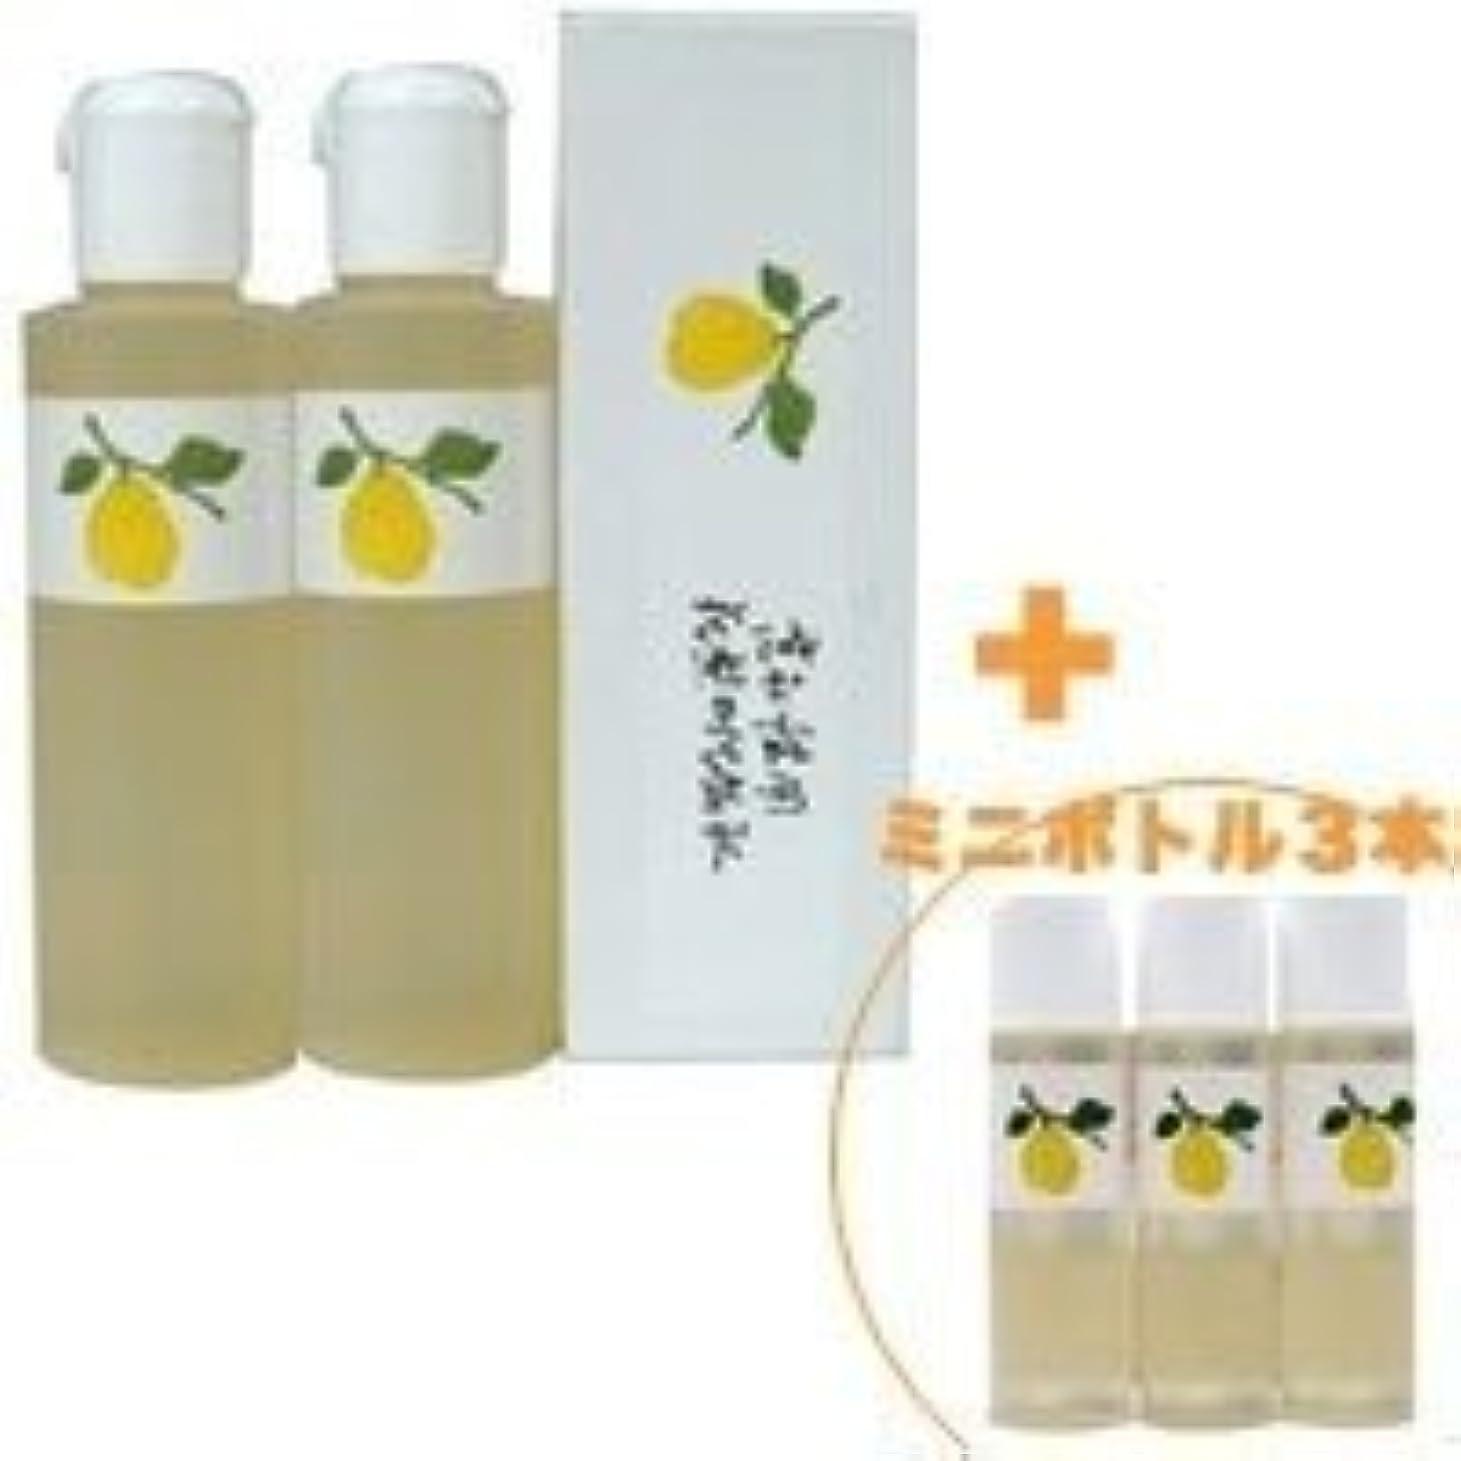 同情的ナチュラトライアスリート花梨の化粧水 200ml 2本&ミニボトル 3本 美容液 栄養クリームのいらないお肌へ 保湿と乾燥対策に